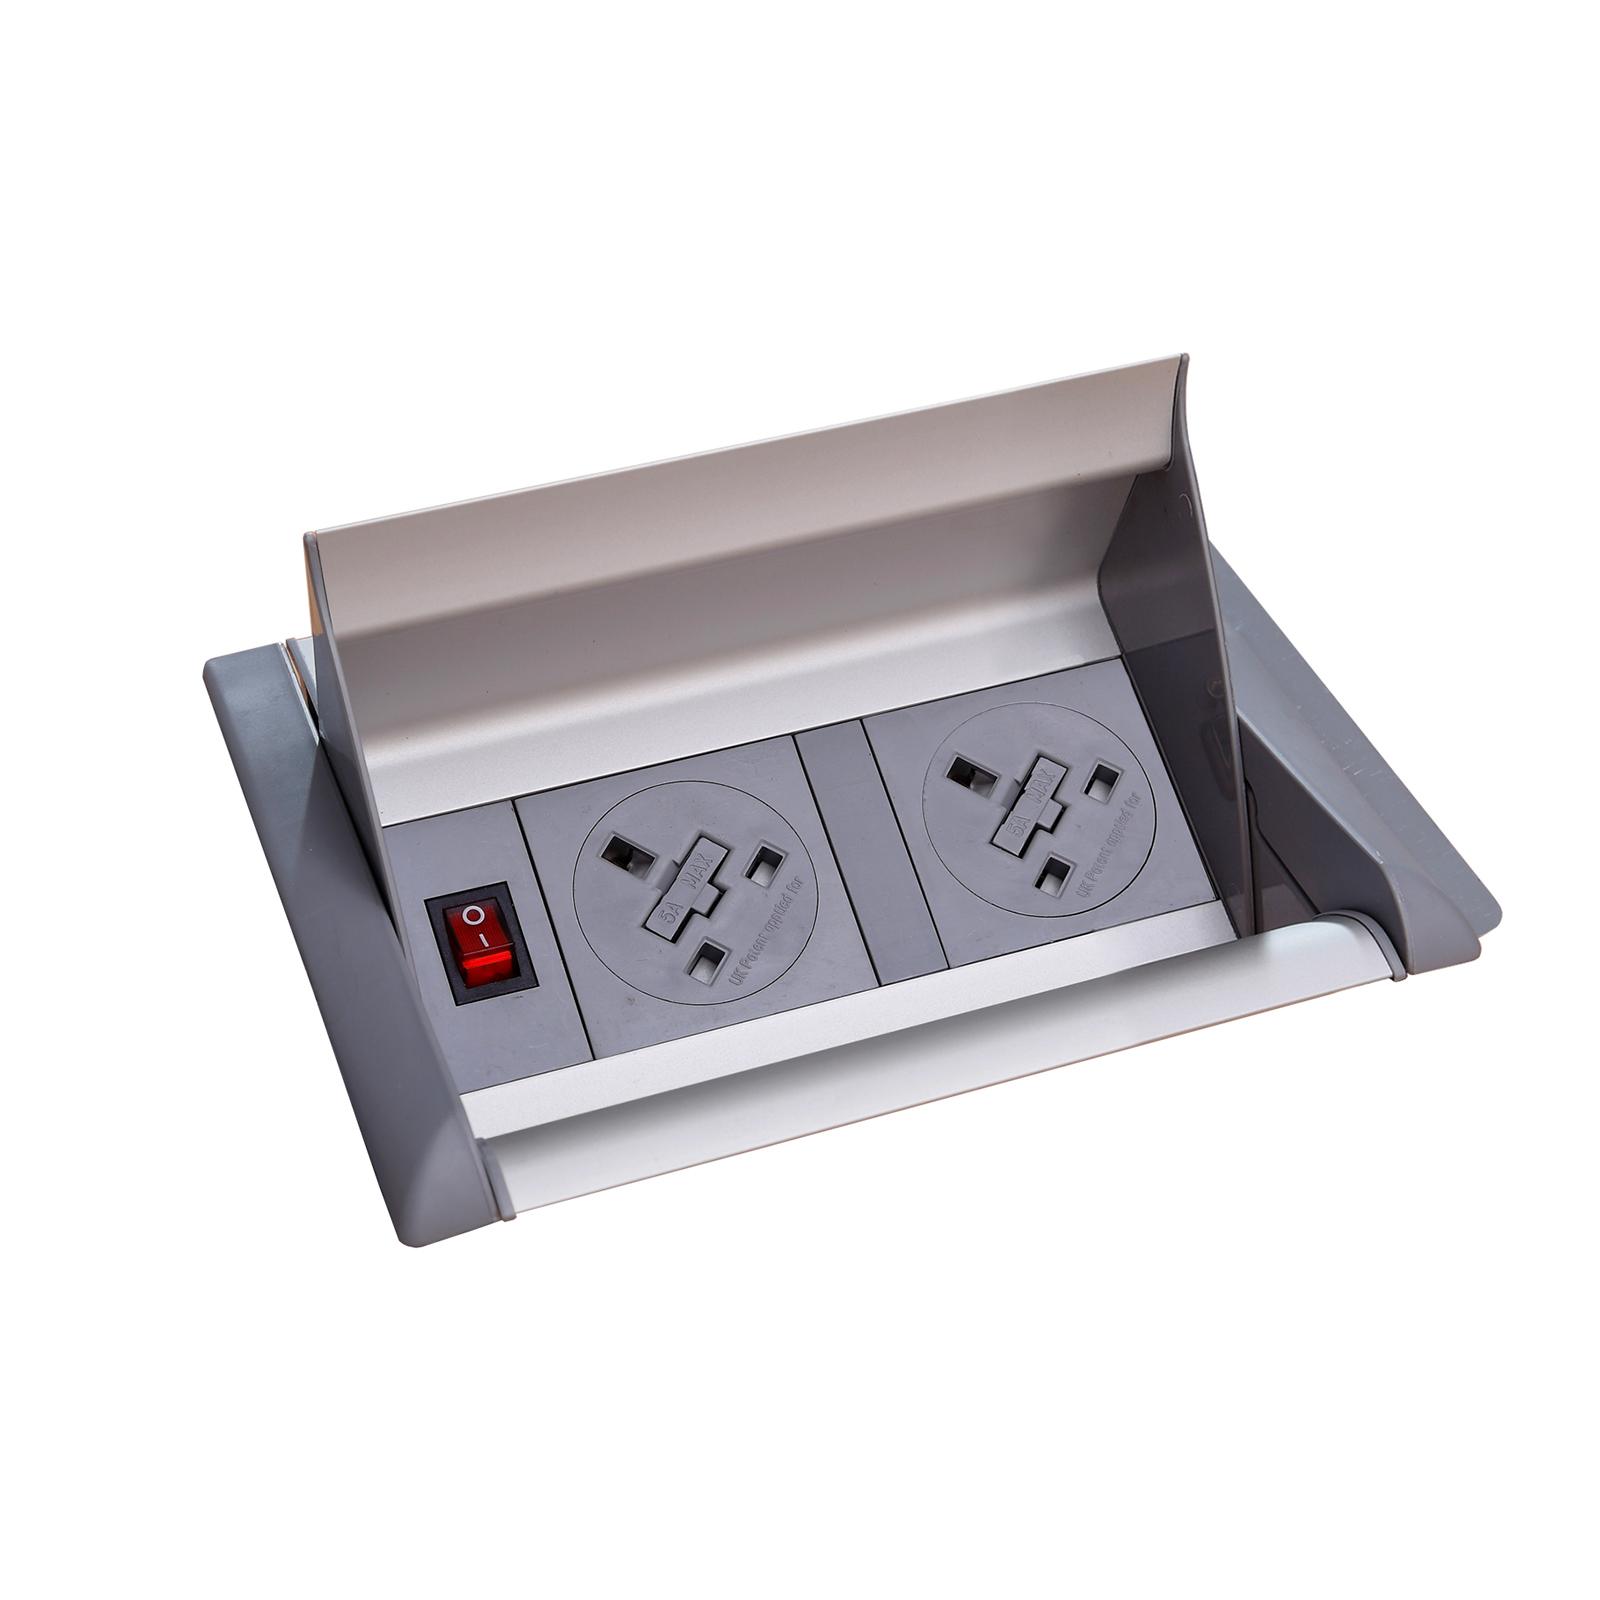 Plug Socket Aero fliptop in-table power module 2 x UK sockets - grey/silver